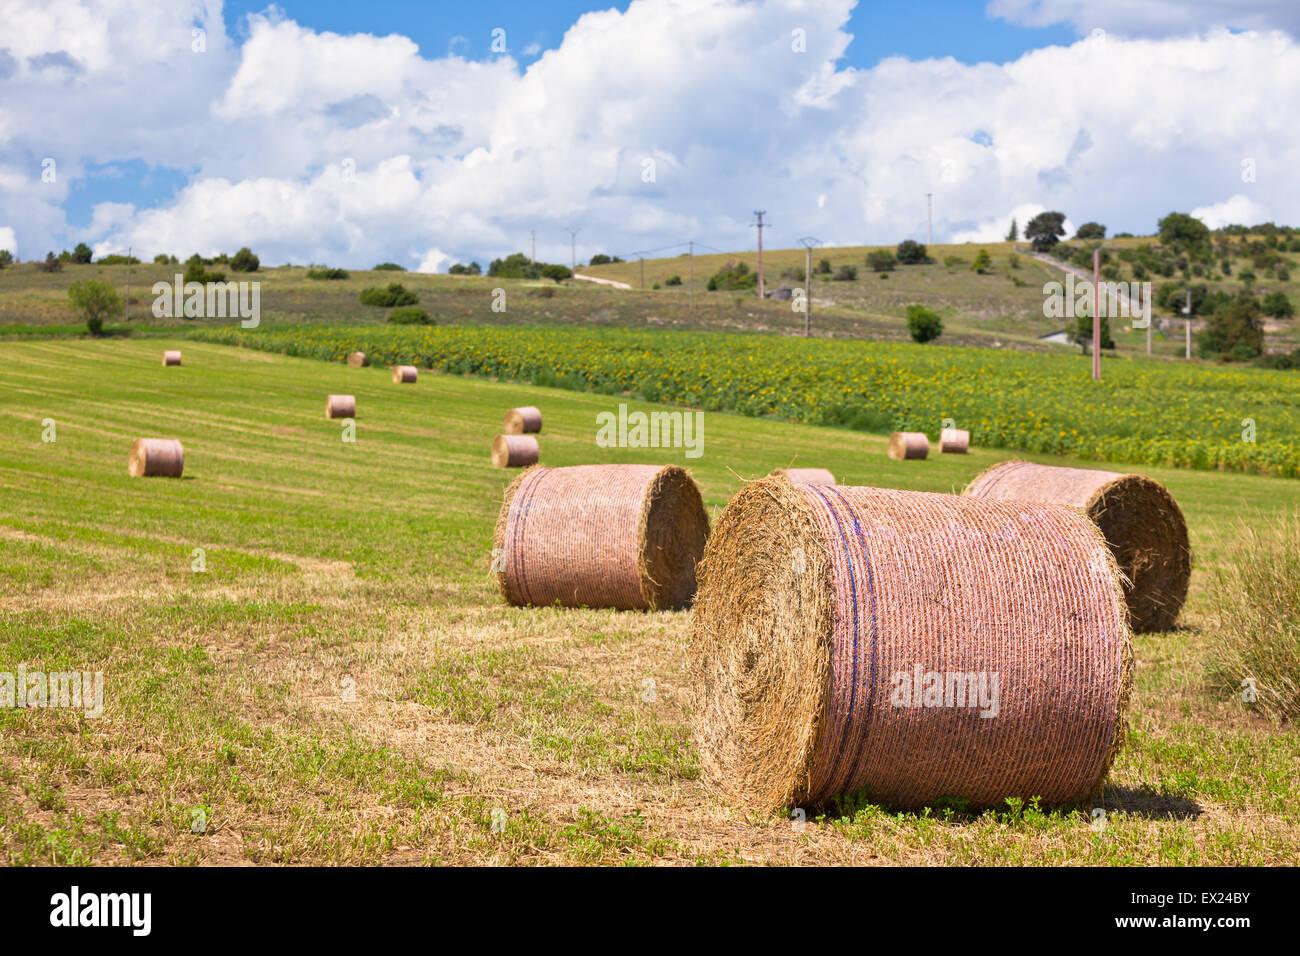 Kulturlandschaft mit Ackerland und Stroh Ballen in der Provence, Frankreich Stockbild